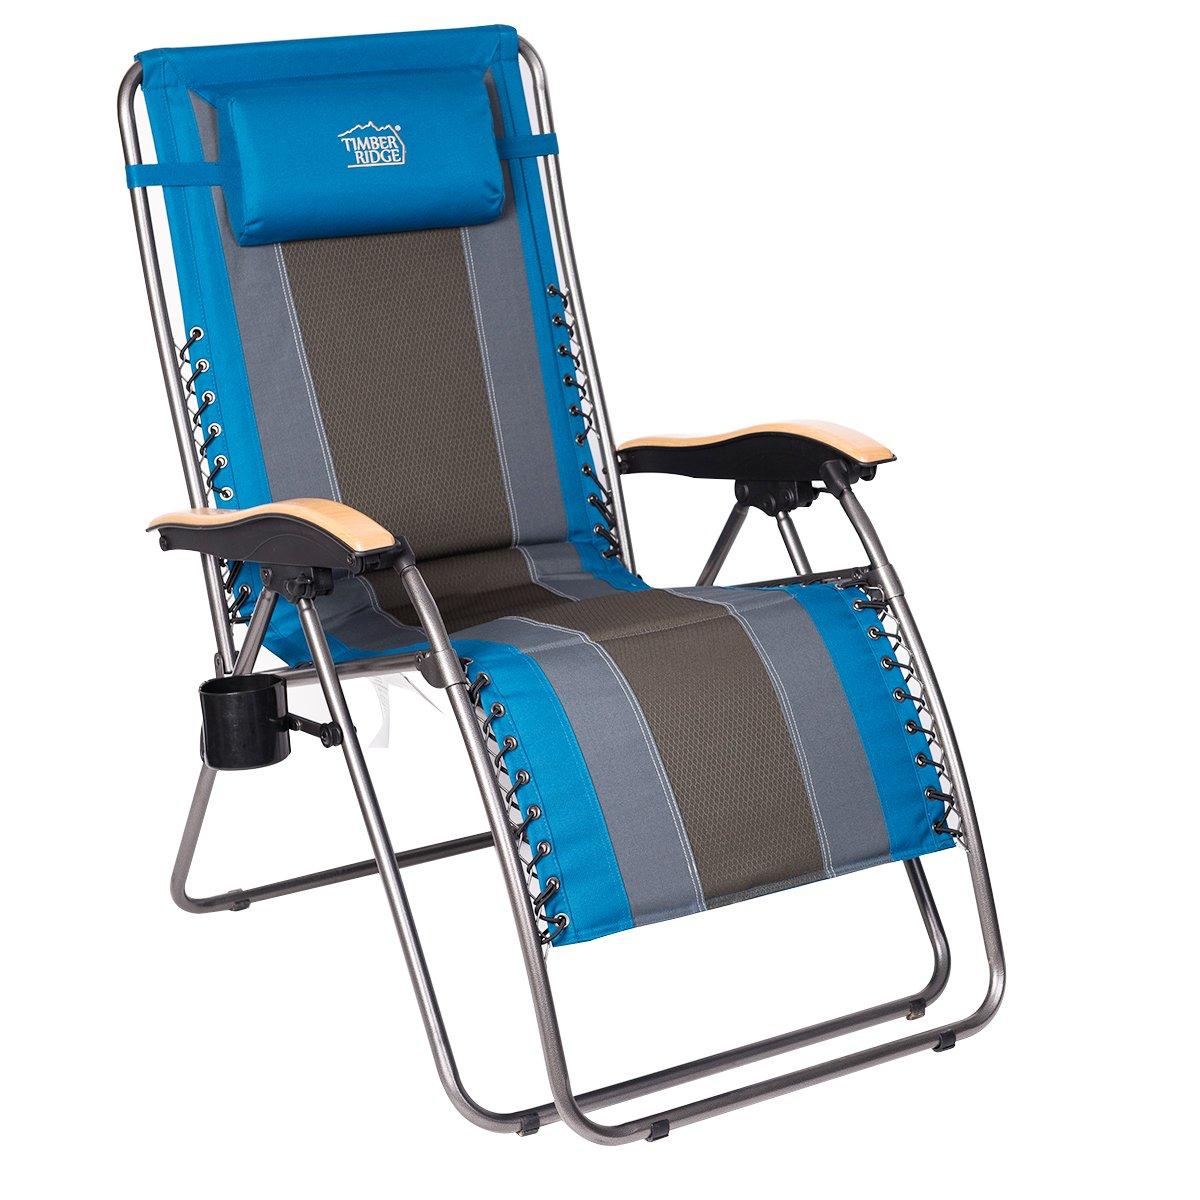 timber ridge gravity zero chair